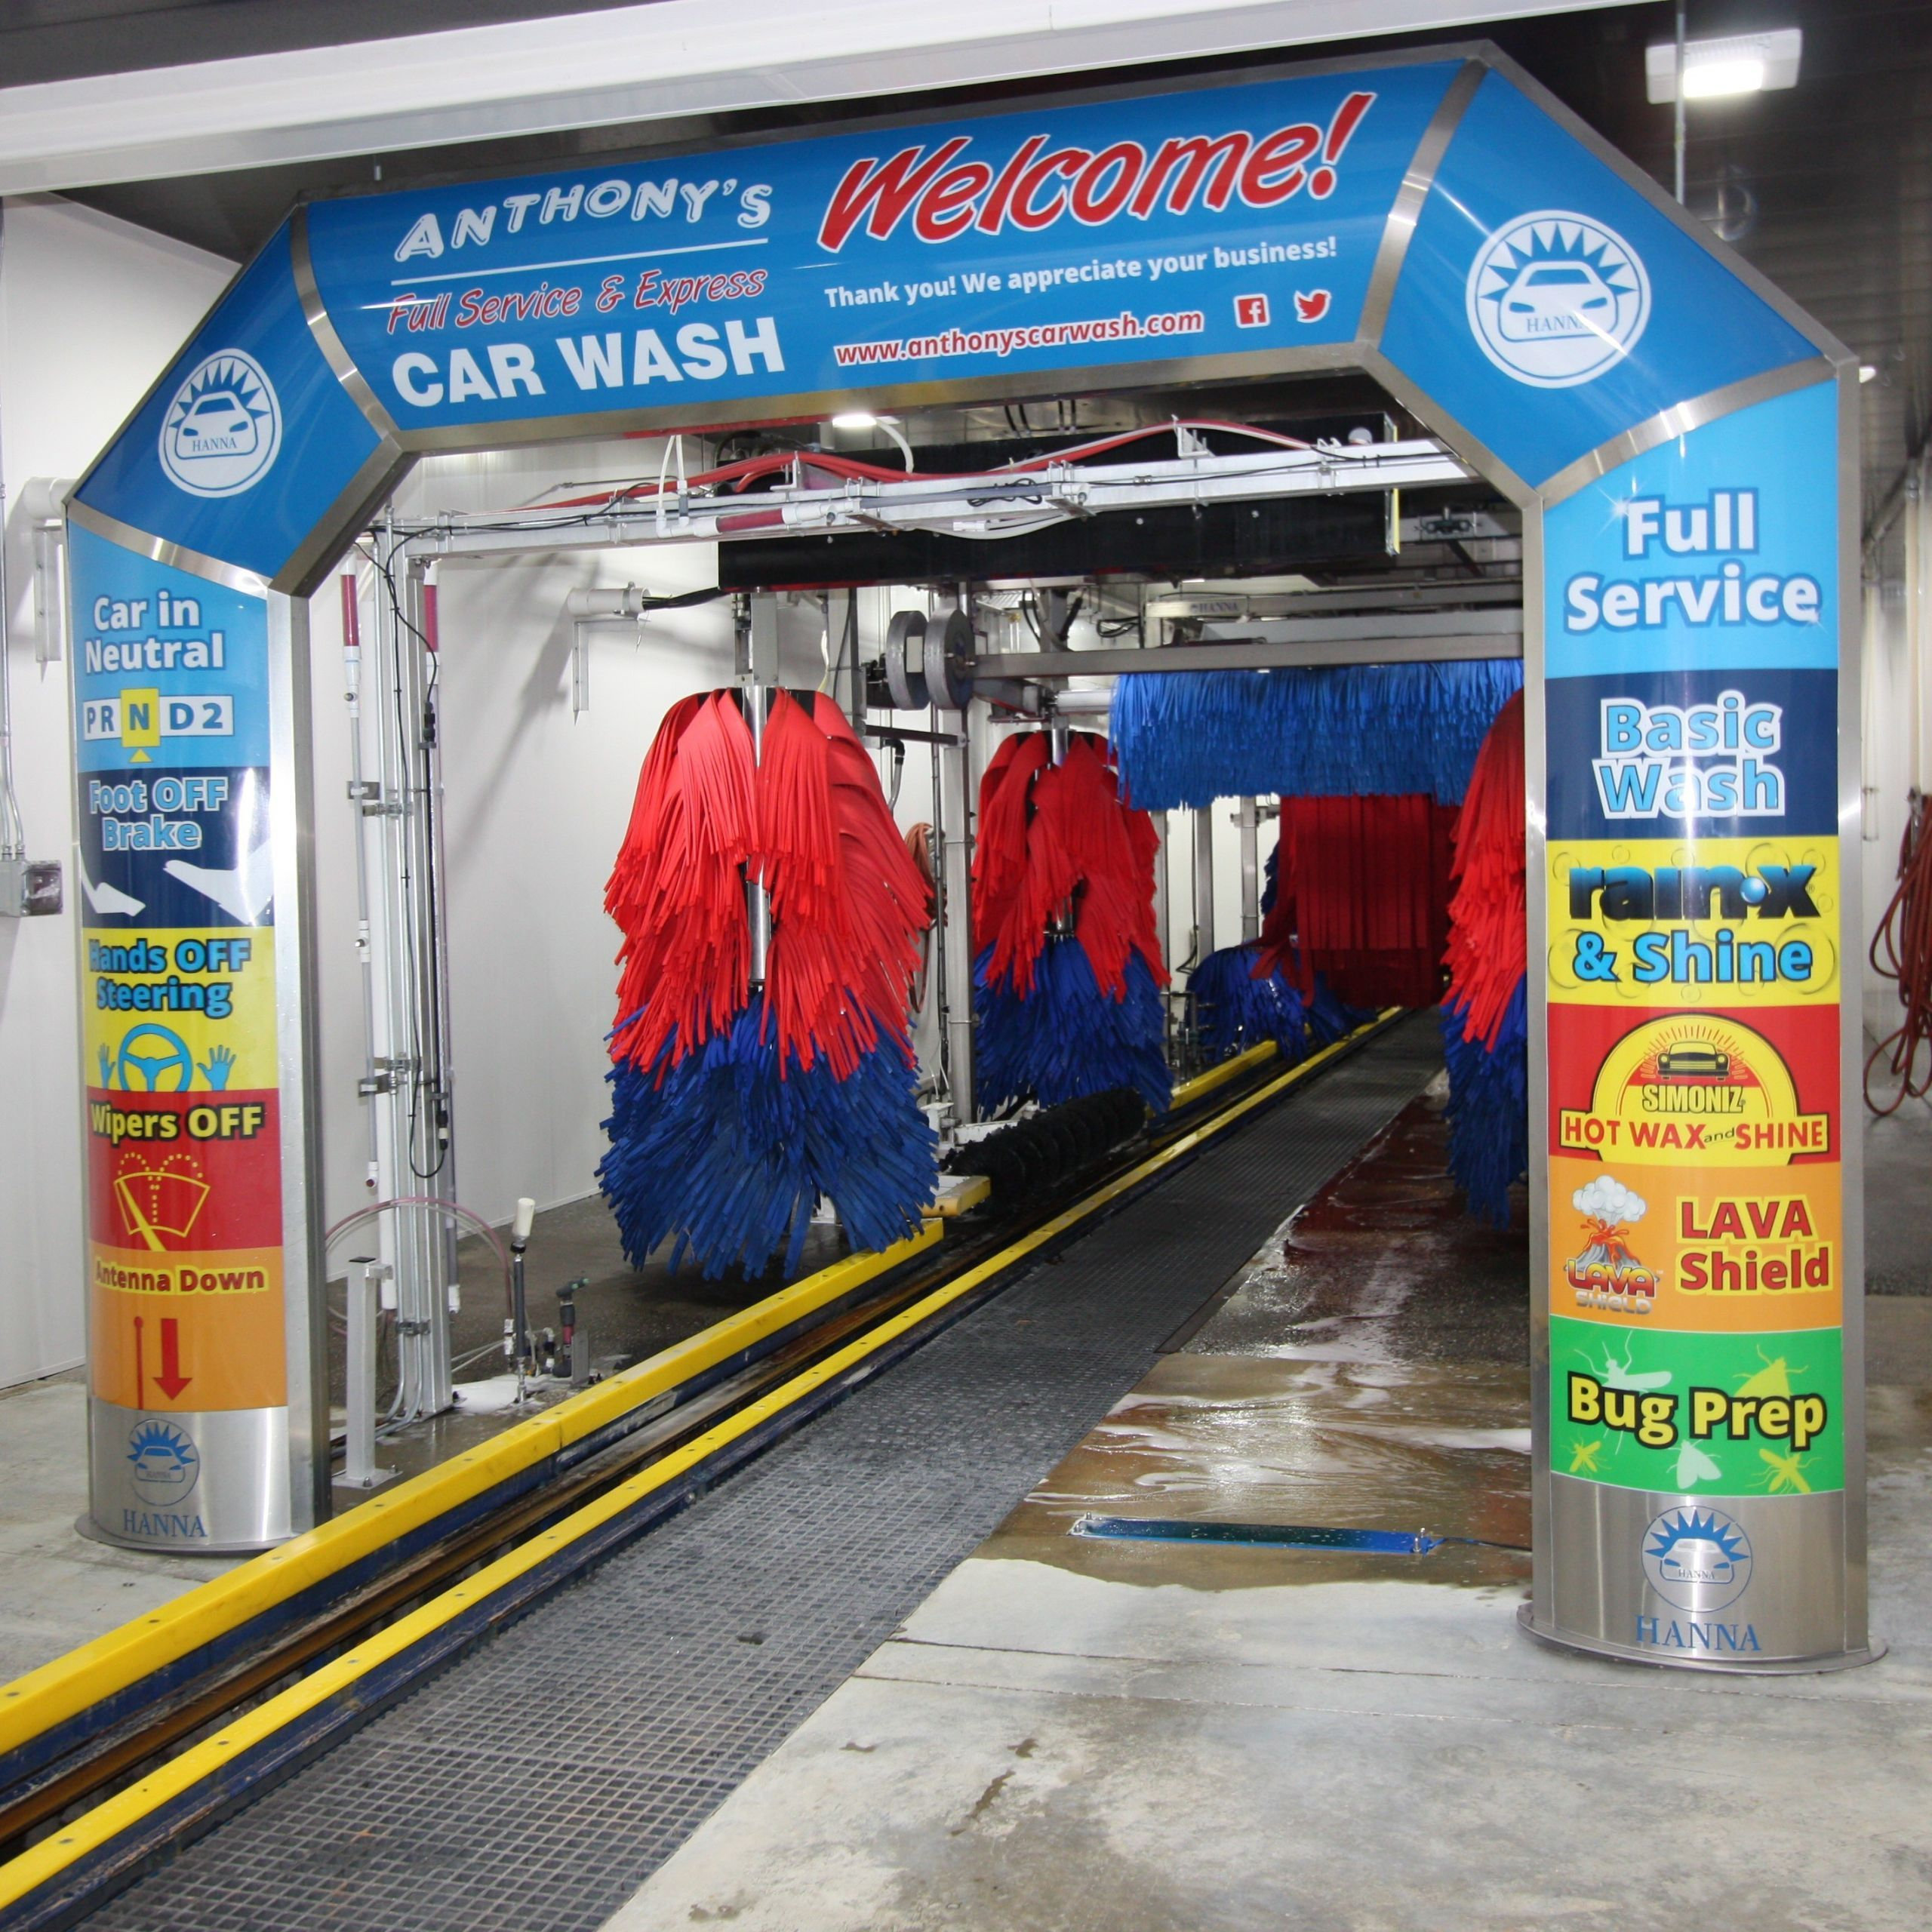 Car Wash Near Me New Tunnels - Coleman Hanna Carwash ...